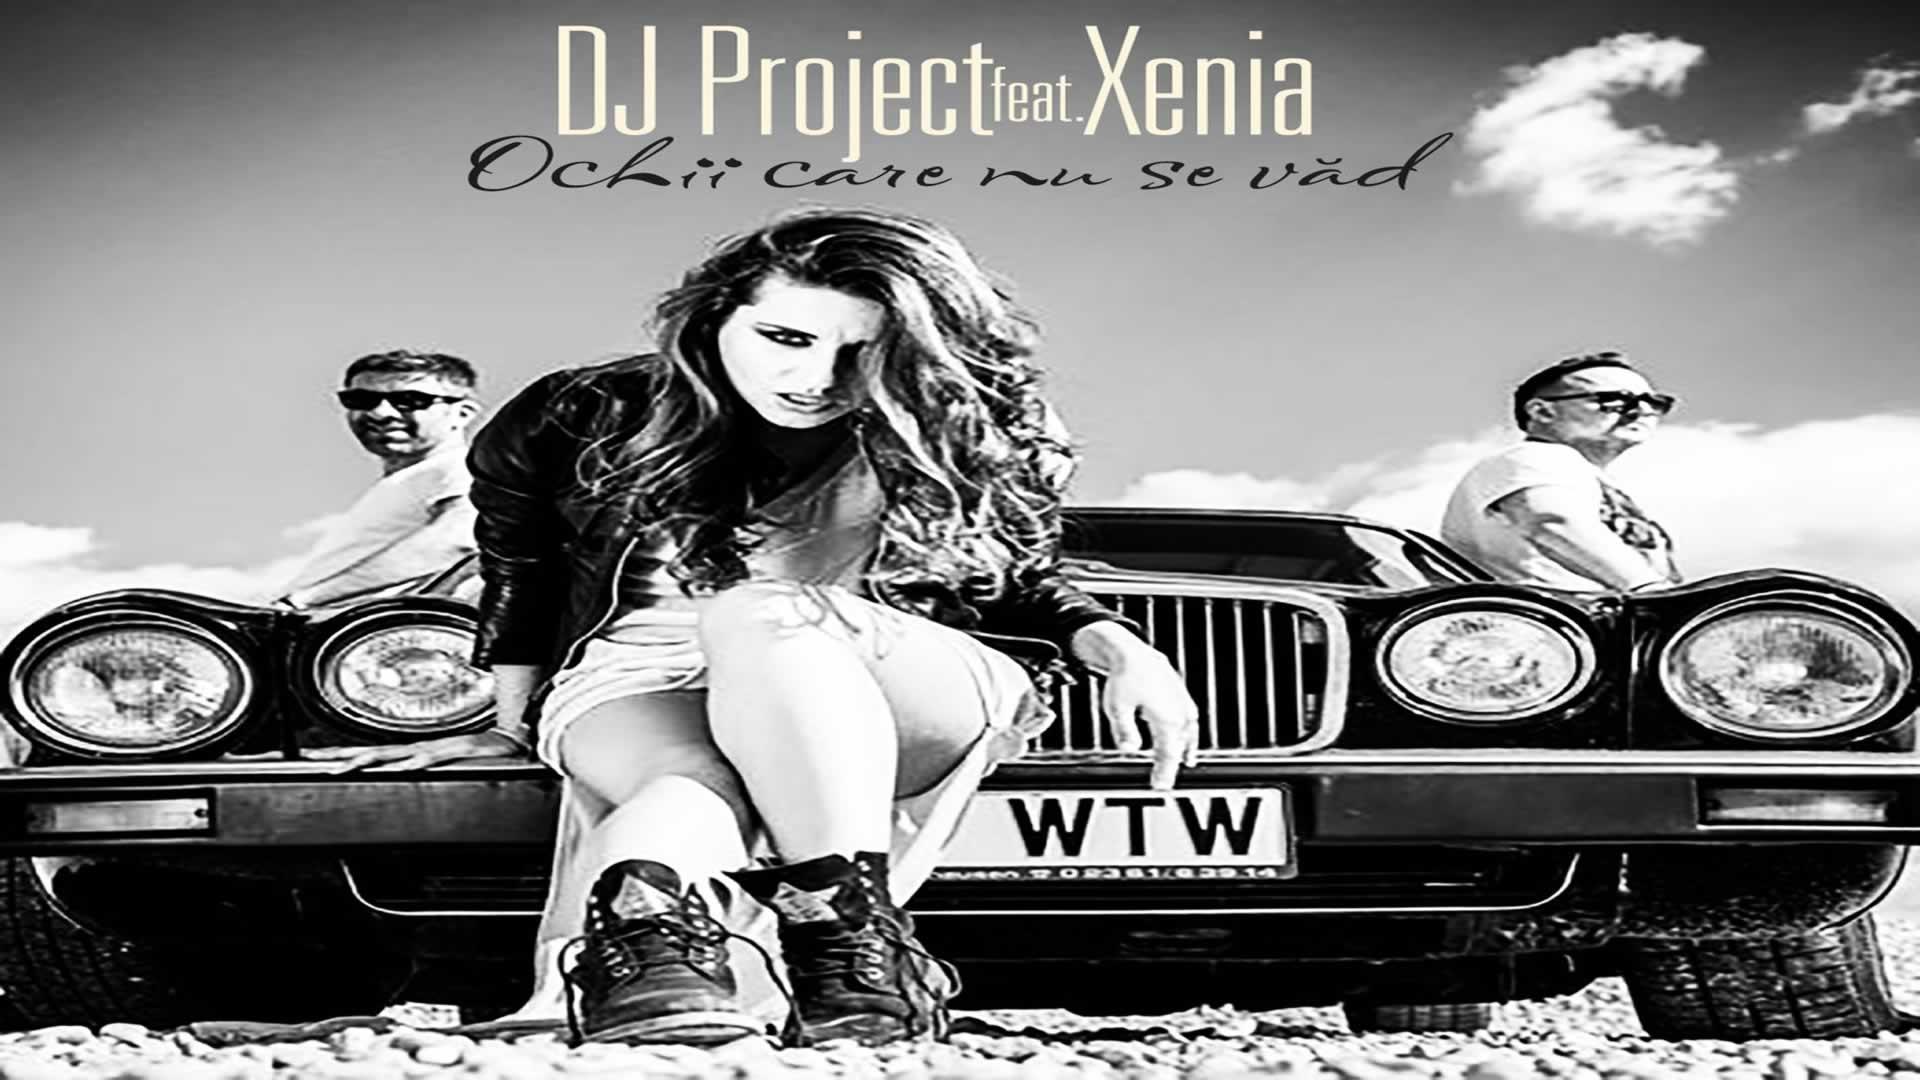 DJ Project feat. Xenia - Ochii care nu se vad